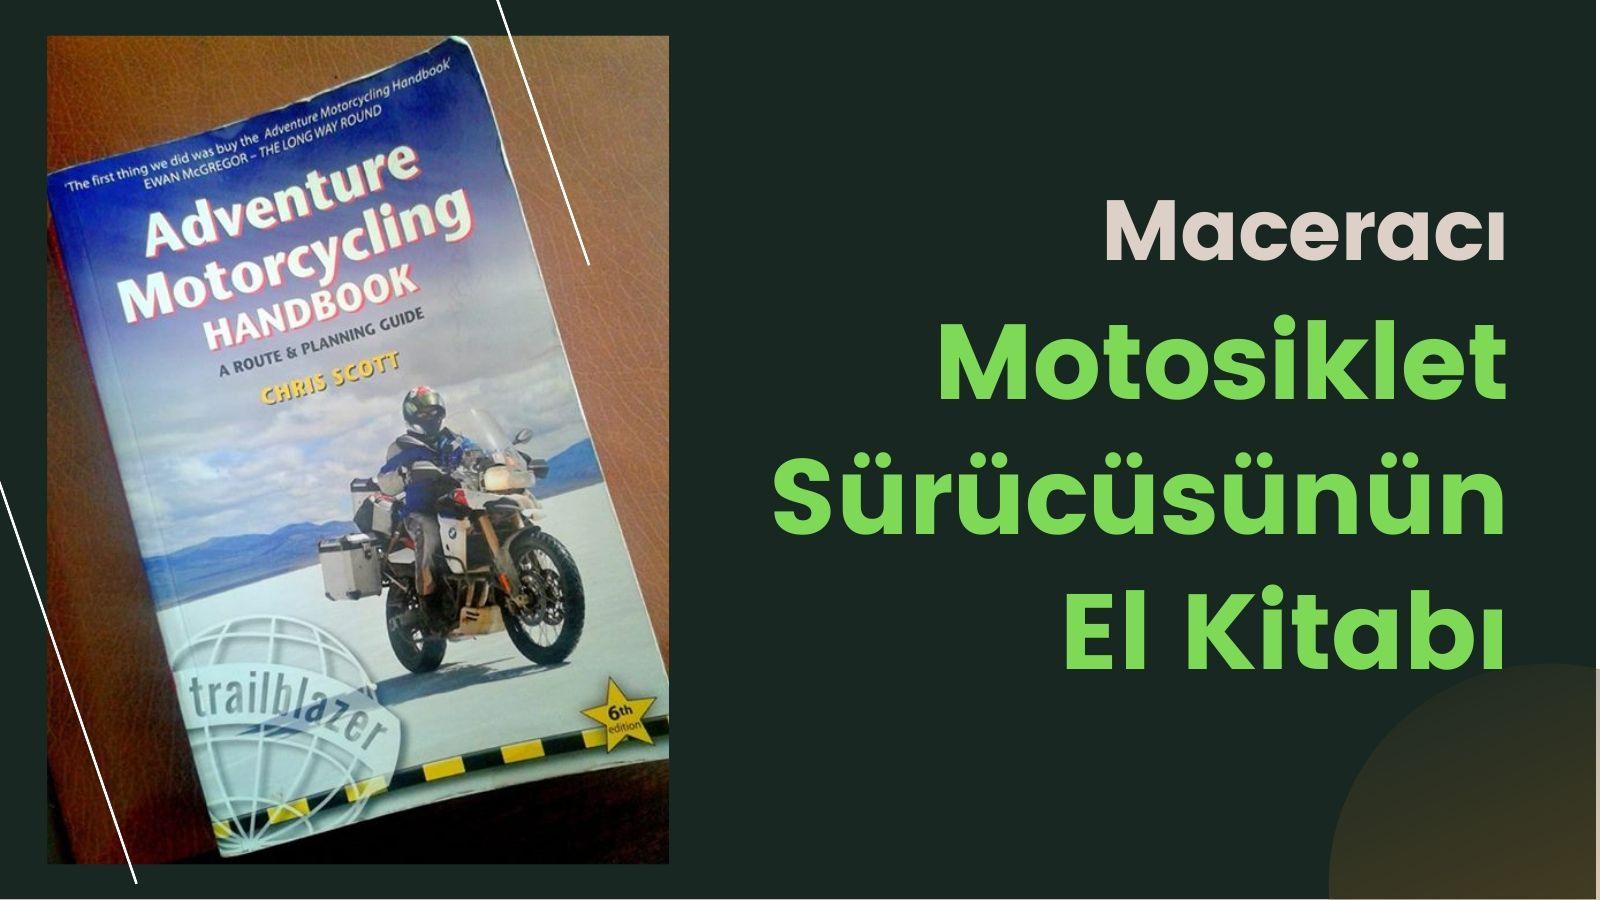 Maceracı Motosiklet Sürücüsünün El Kitabı kapak